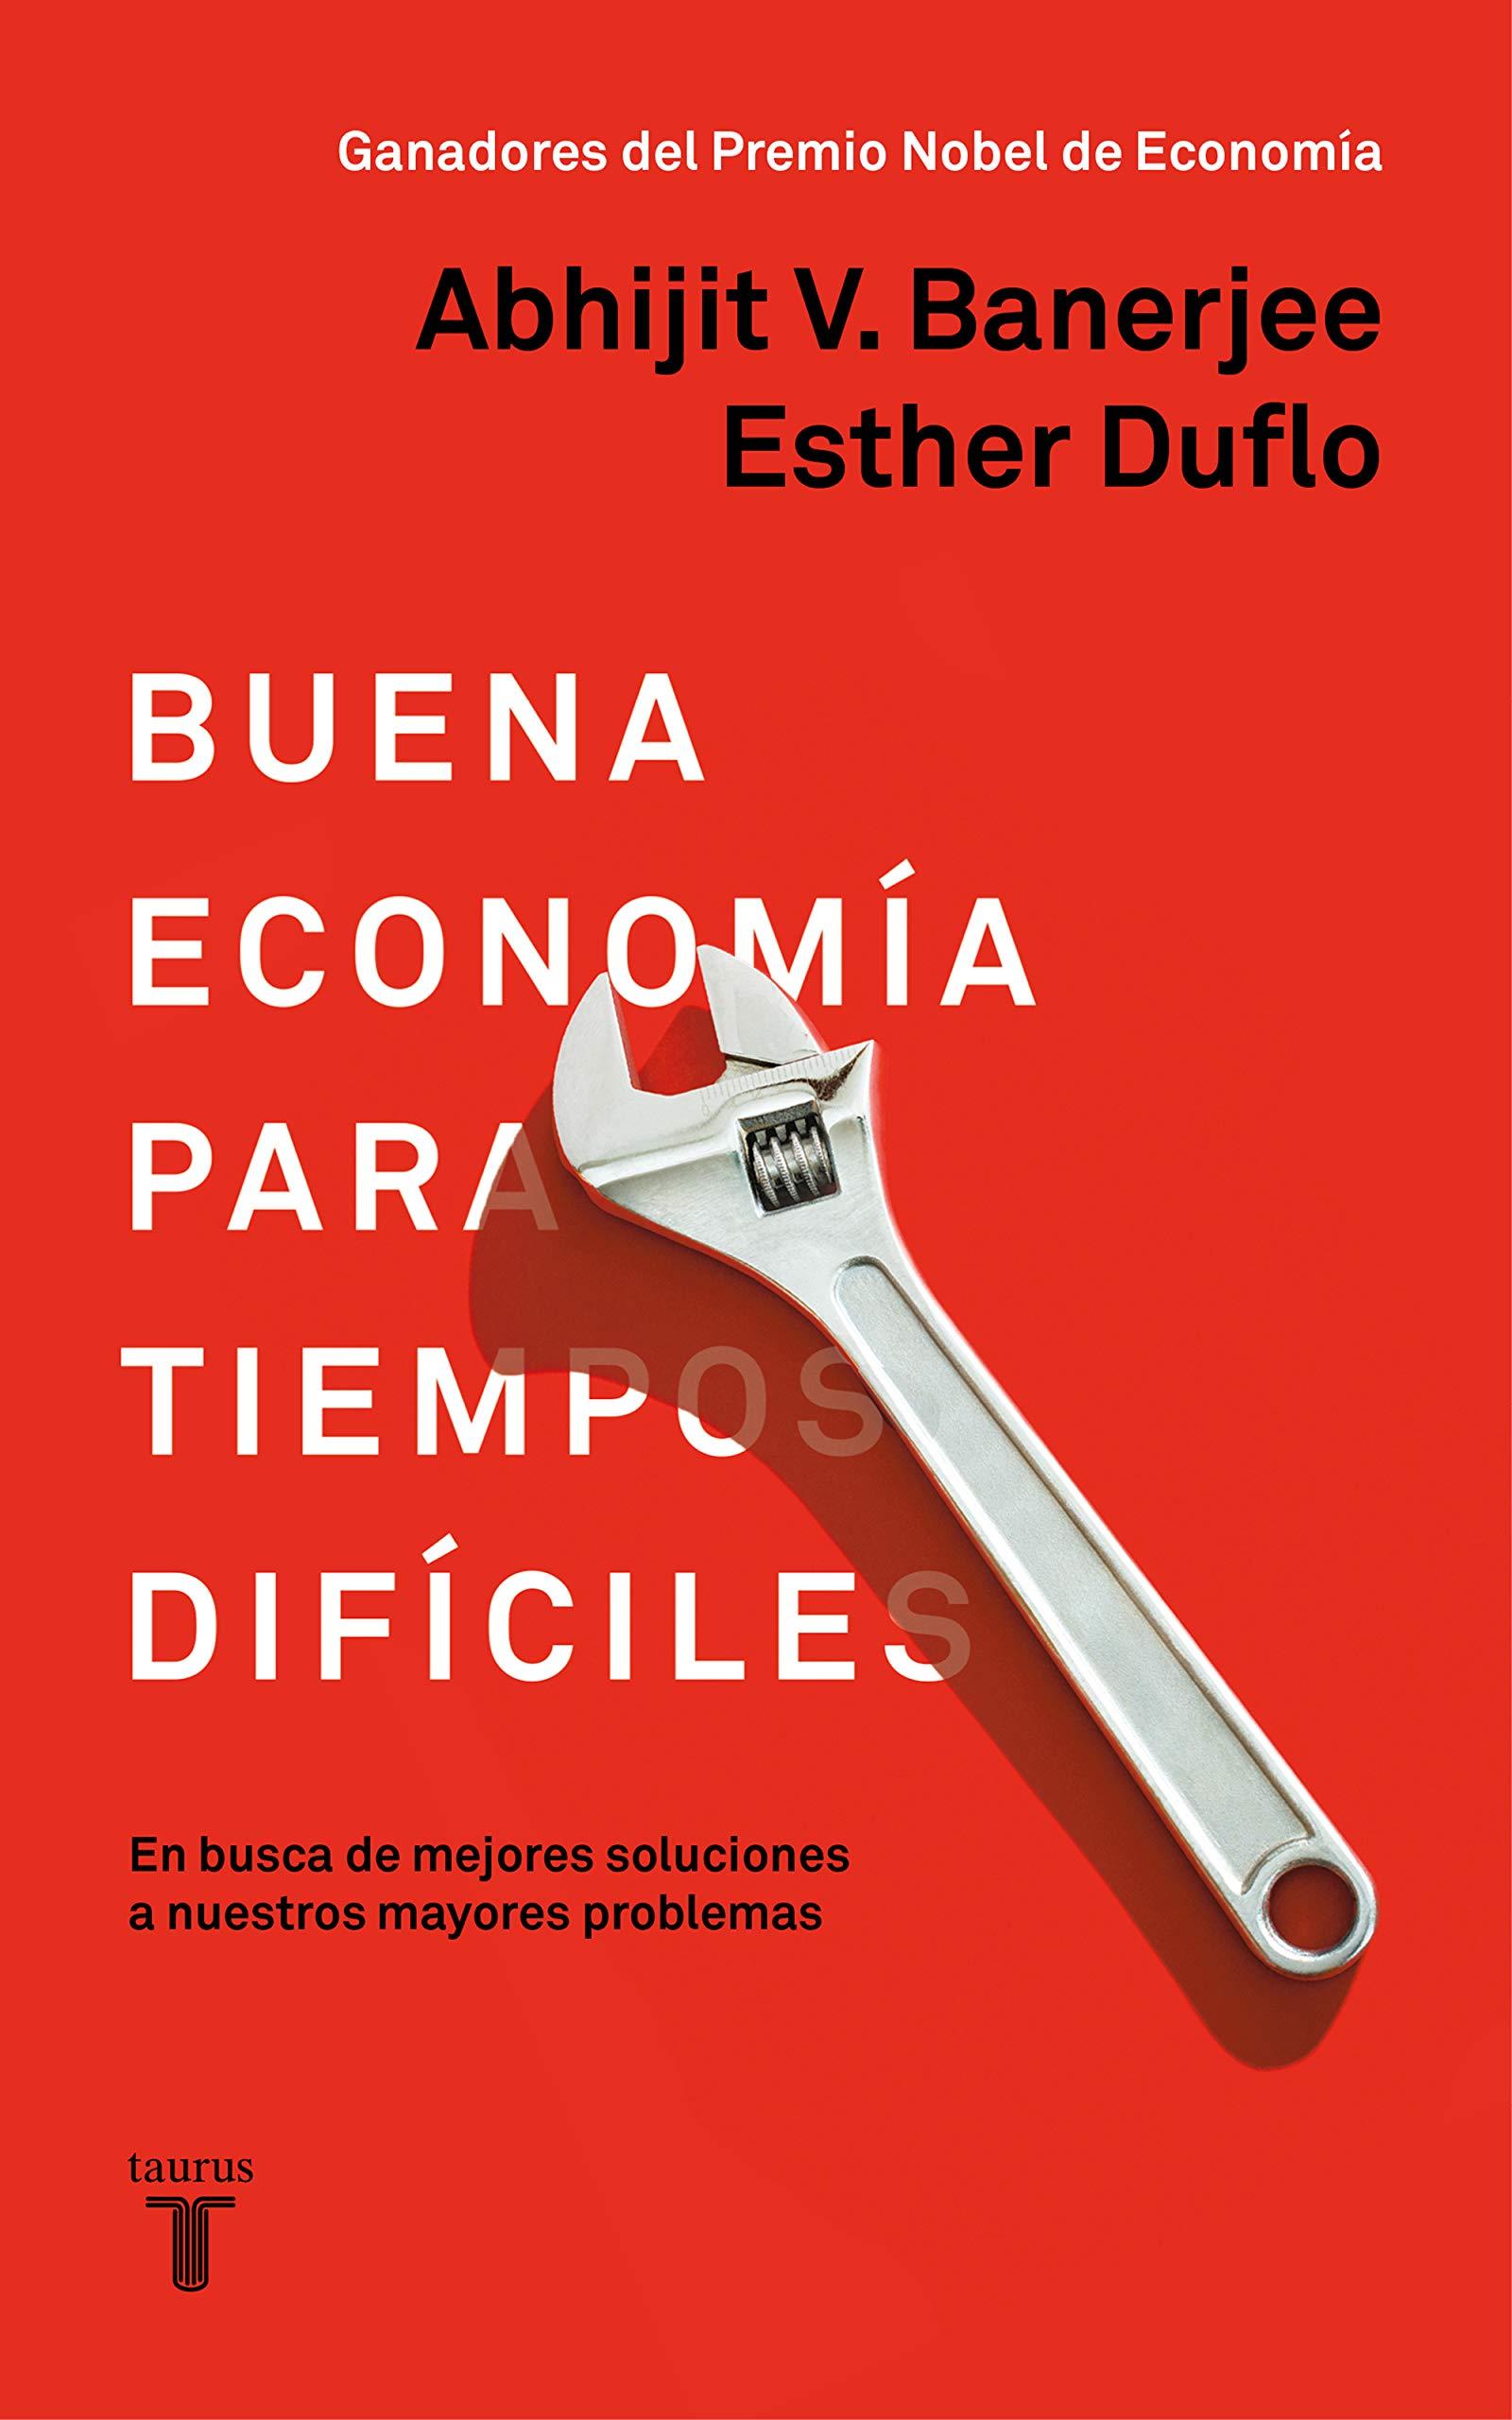 Buena economía para tiempos difíciles: En busca de mejores soluciones a nuestros mayores problemas.